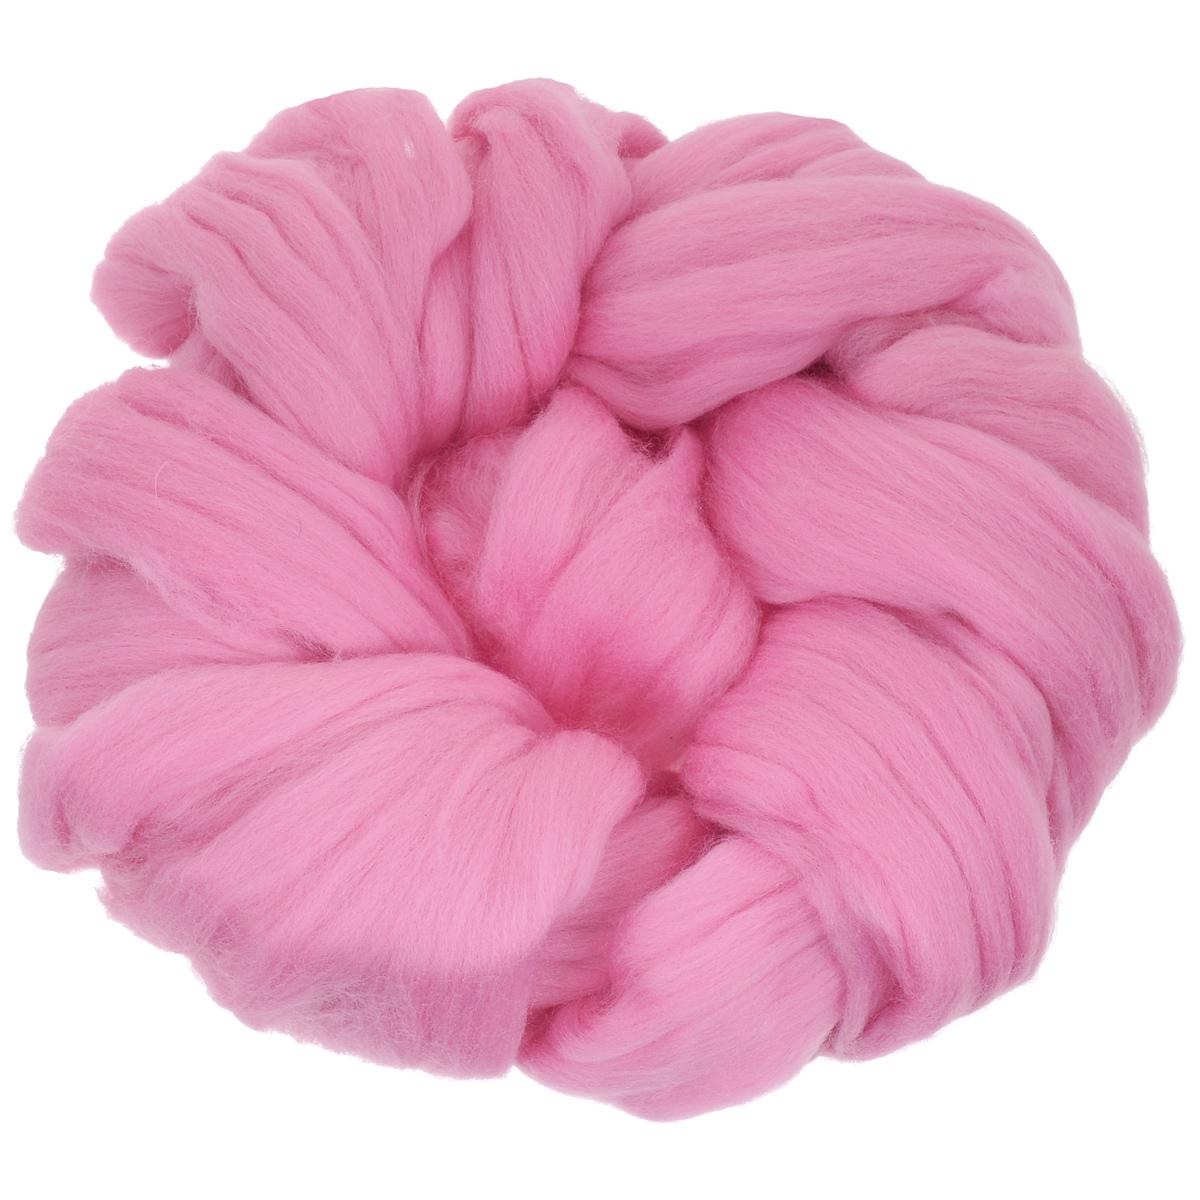 Шерсть для валяния Астра, тонкая, цвет: розовый (0160), 100 г366137_0160